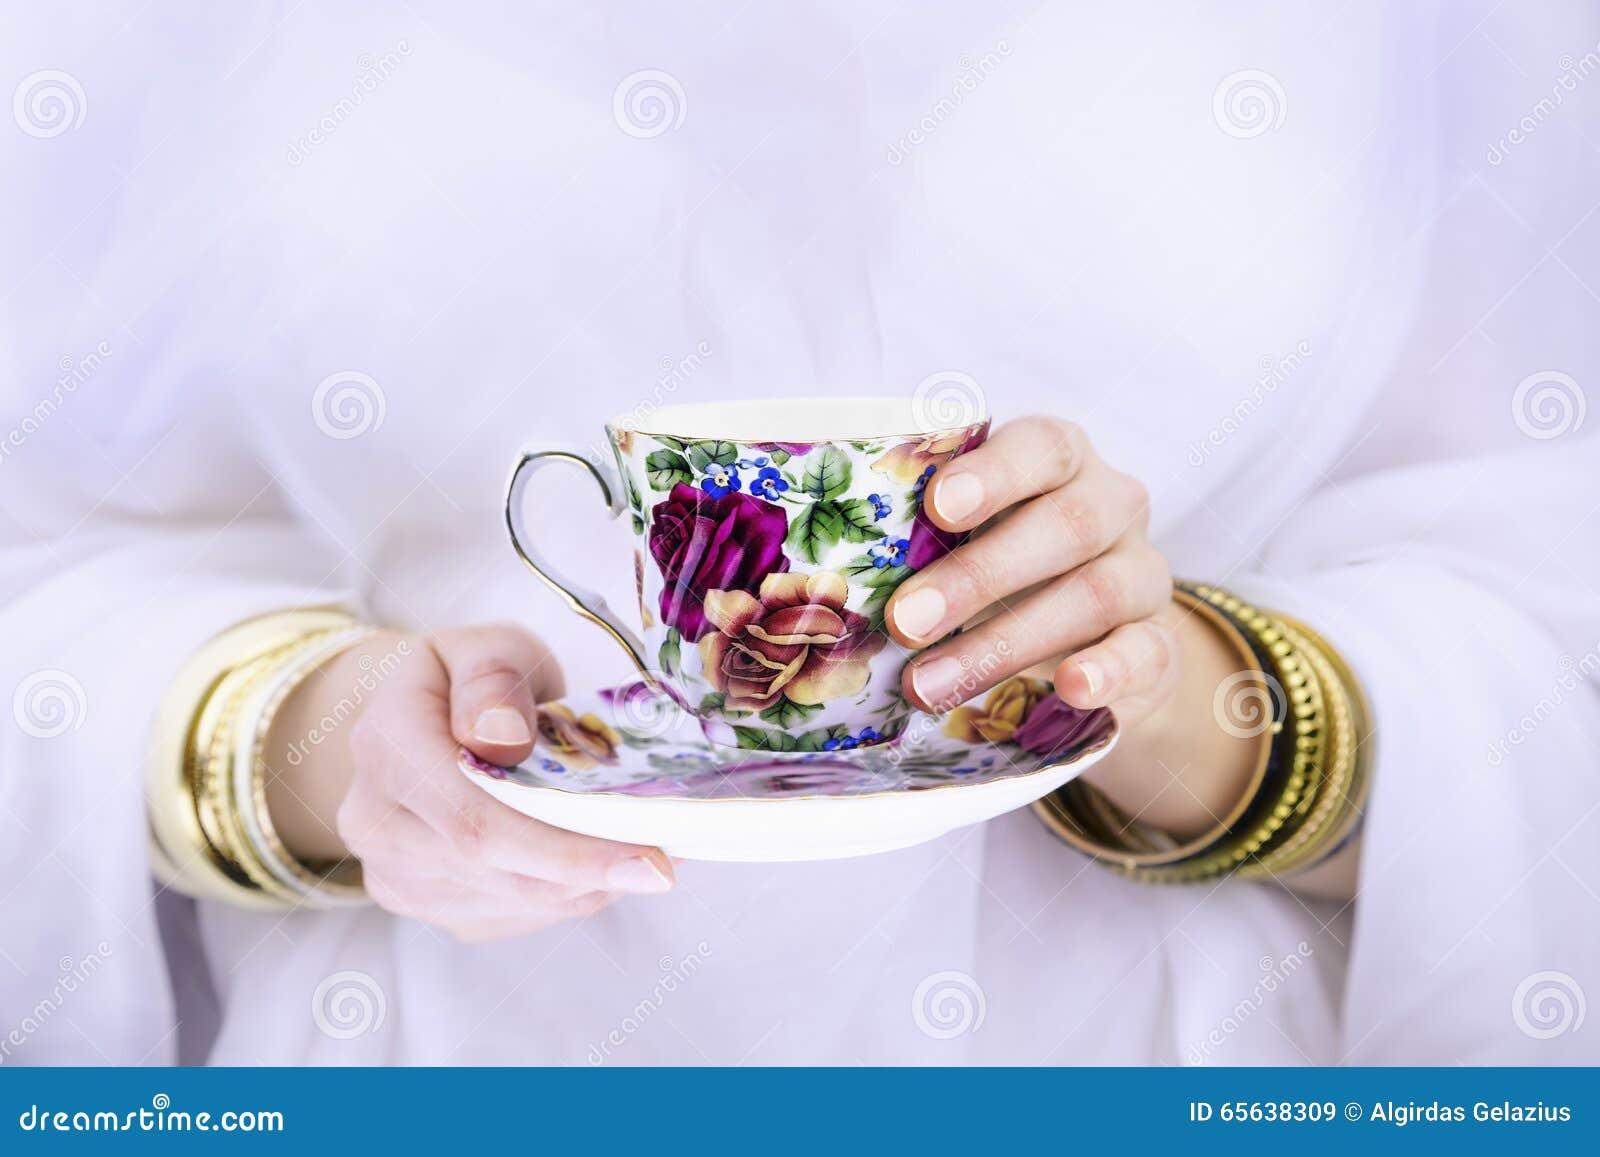 Les mains de la fille avec des bracelets tenant une tasse colorée